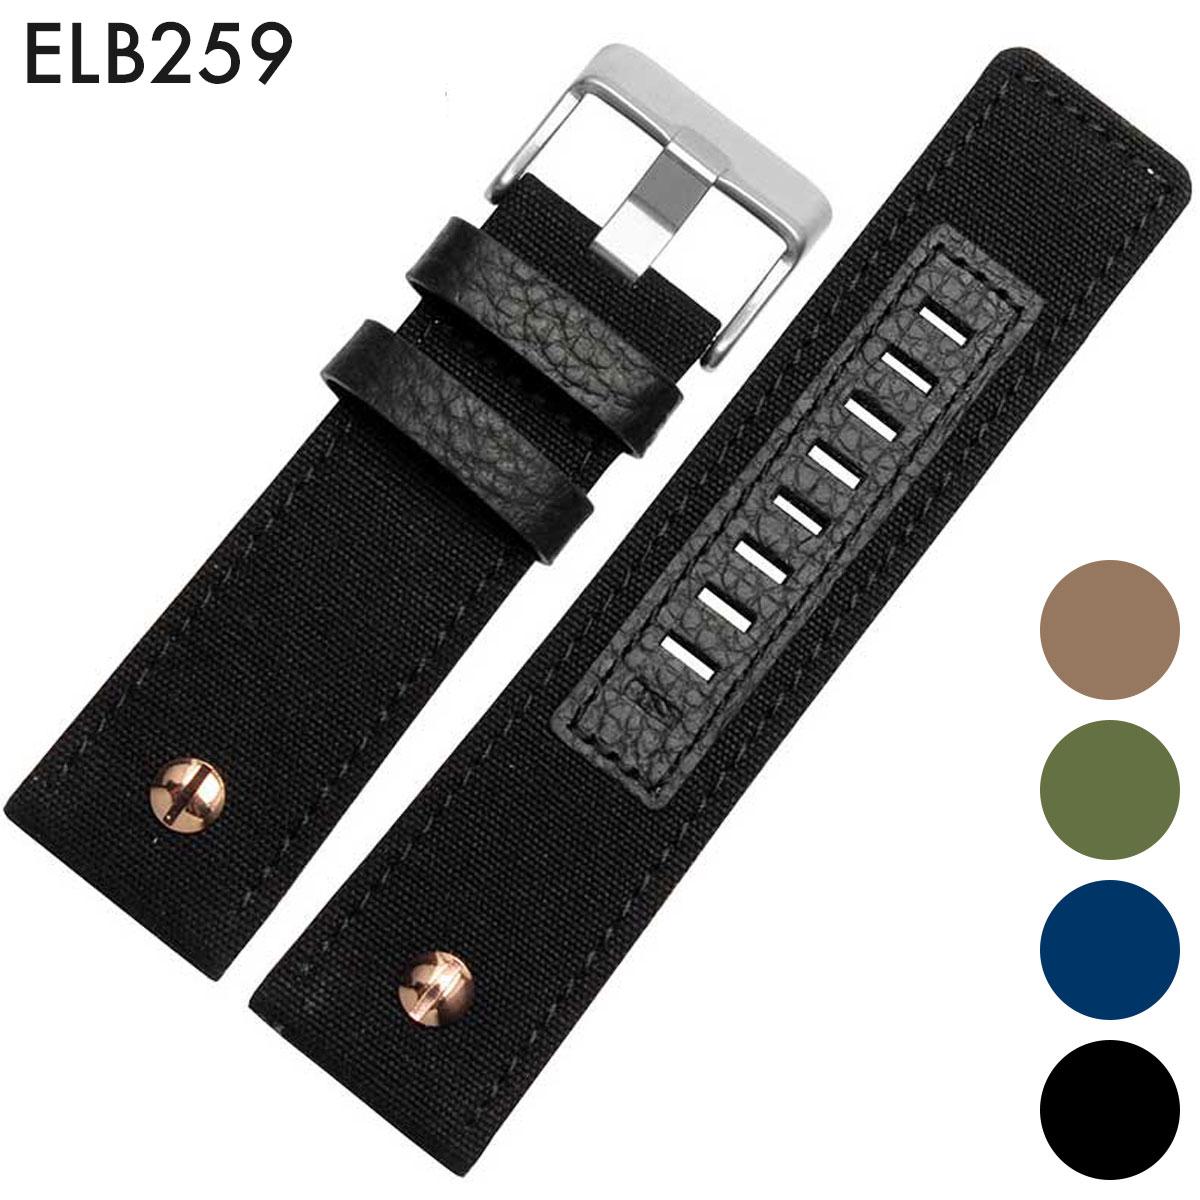 【メール便送料無料】 腕時計ベルト 腕時計バンド 替えストラップ 社外品 汎用レザーベルト 革ベルト 取付幅26mm 適用: DIESEL ディーゼル [DS4307mm/DS4321] (尾錠)ピンバックル付き [ Eight - ELB259 ]